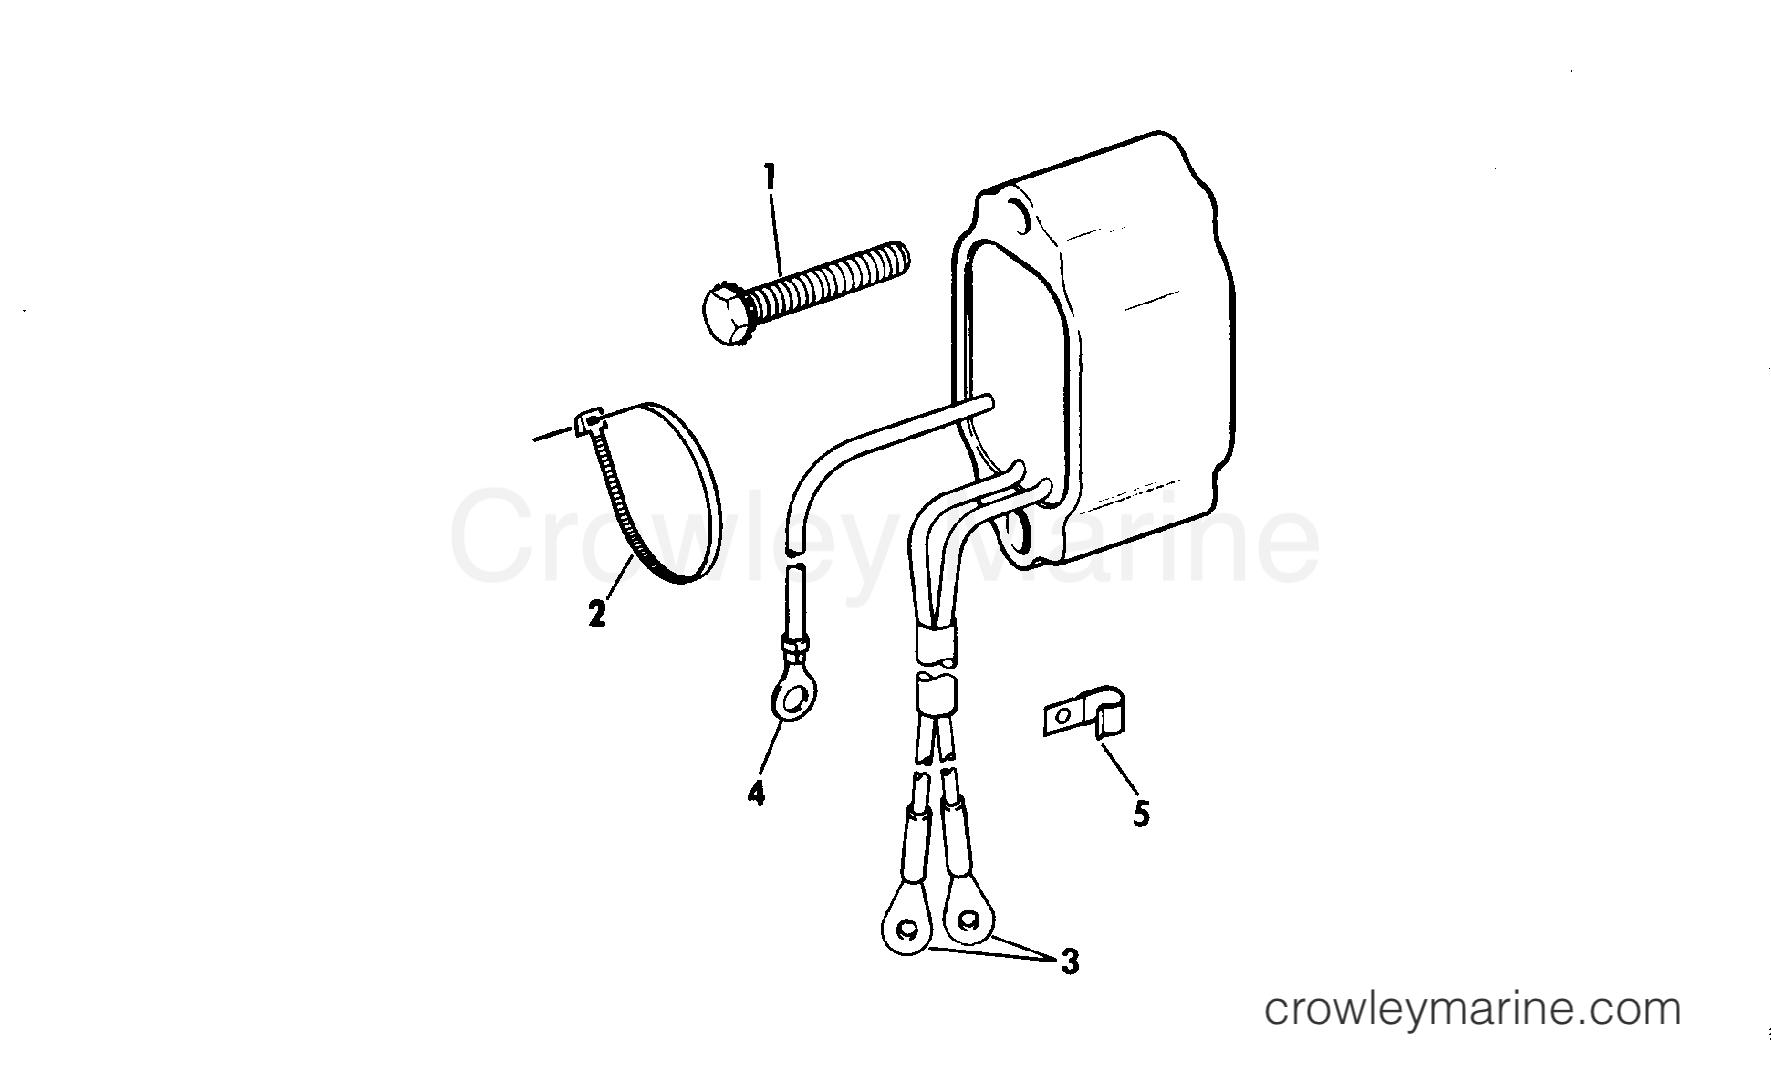 1979 Rigging Parts Accessories - Electrical System - REGULATOR KIT V-4 - V-6